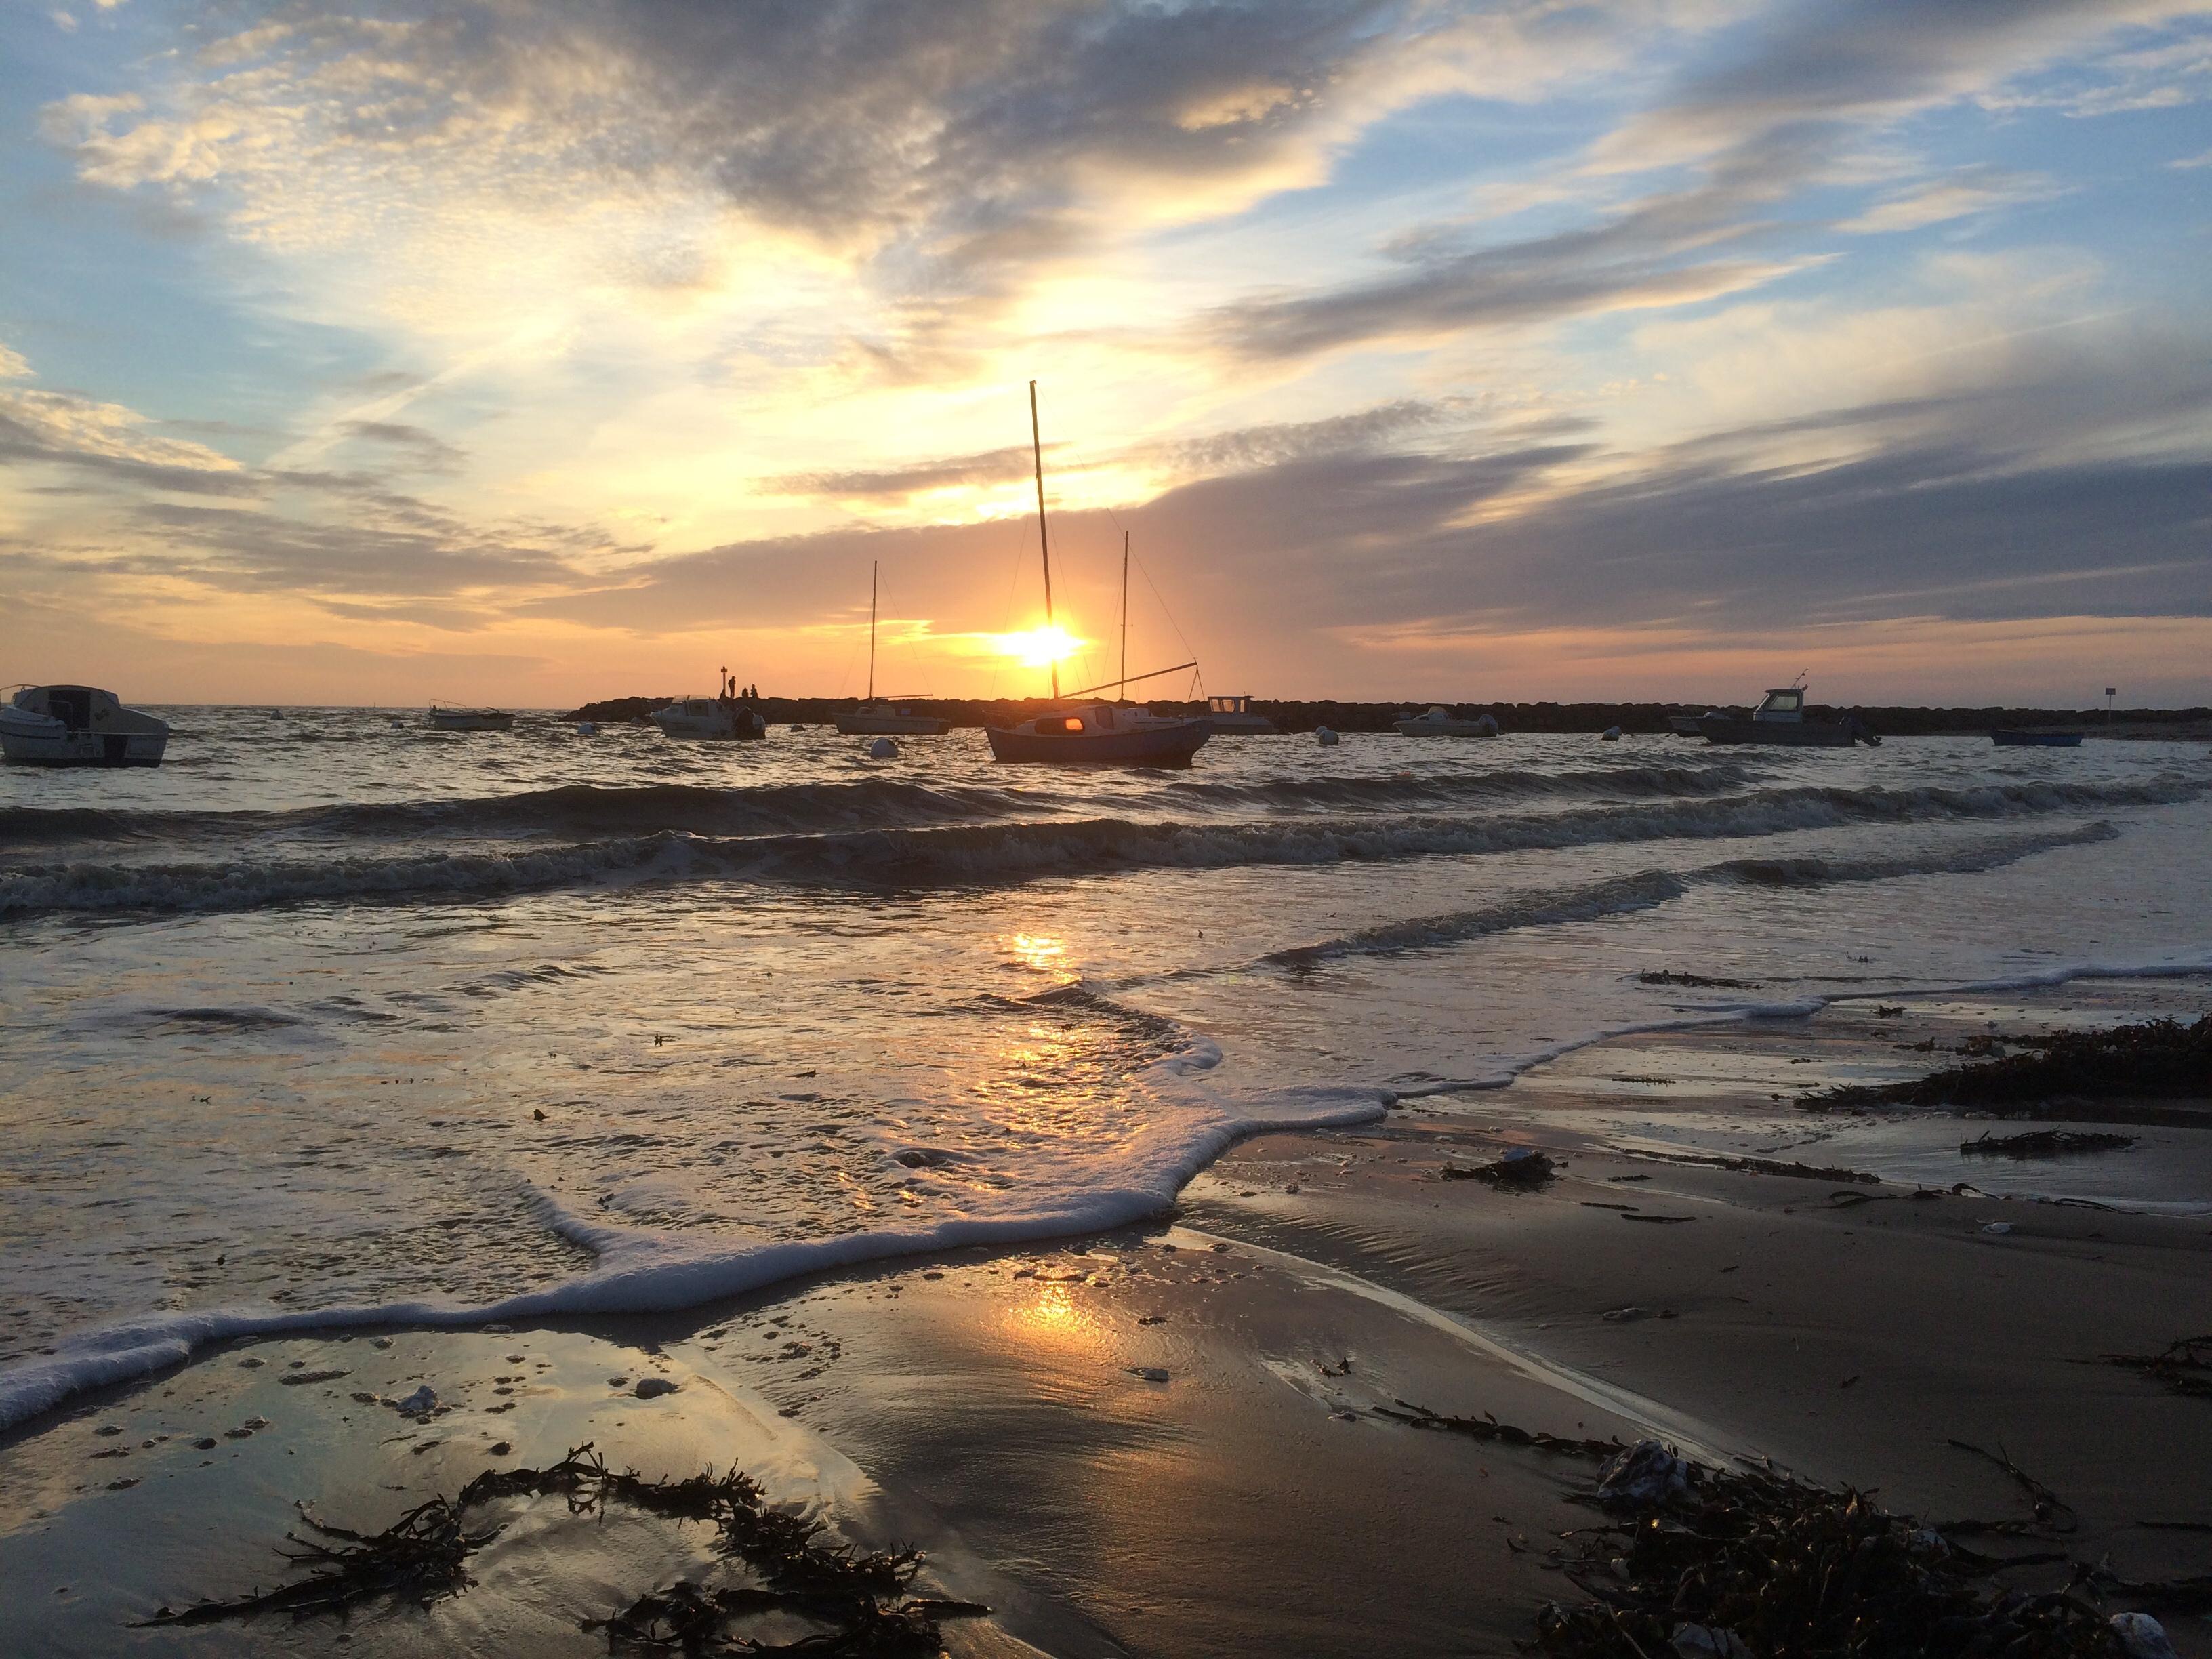 La bernerie en retz - loire atlantique - france photo